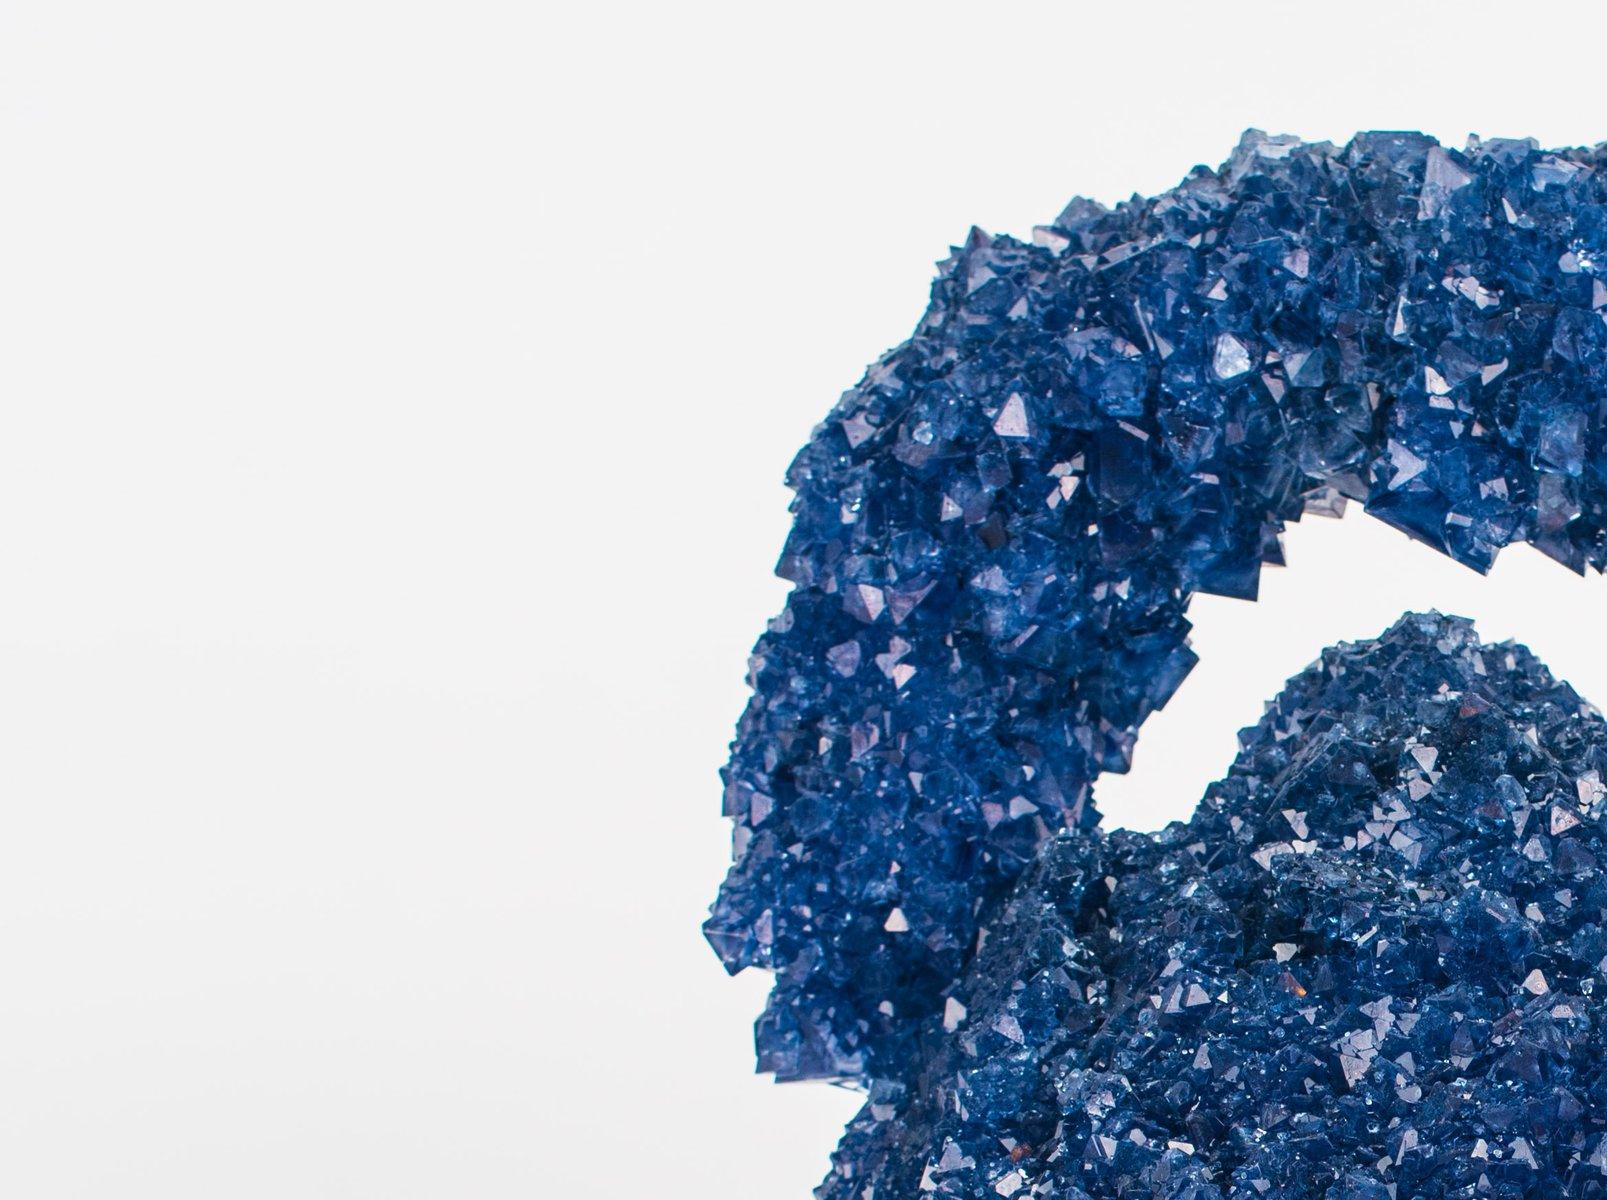 blauer crystallized icons alessi wasserkocher von isaac mont bei pamono kaufen. Black Bedroom Furniture Sets. Home Design Ideas